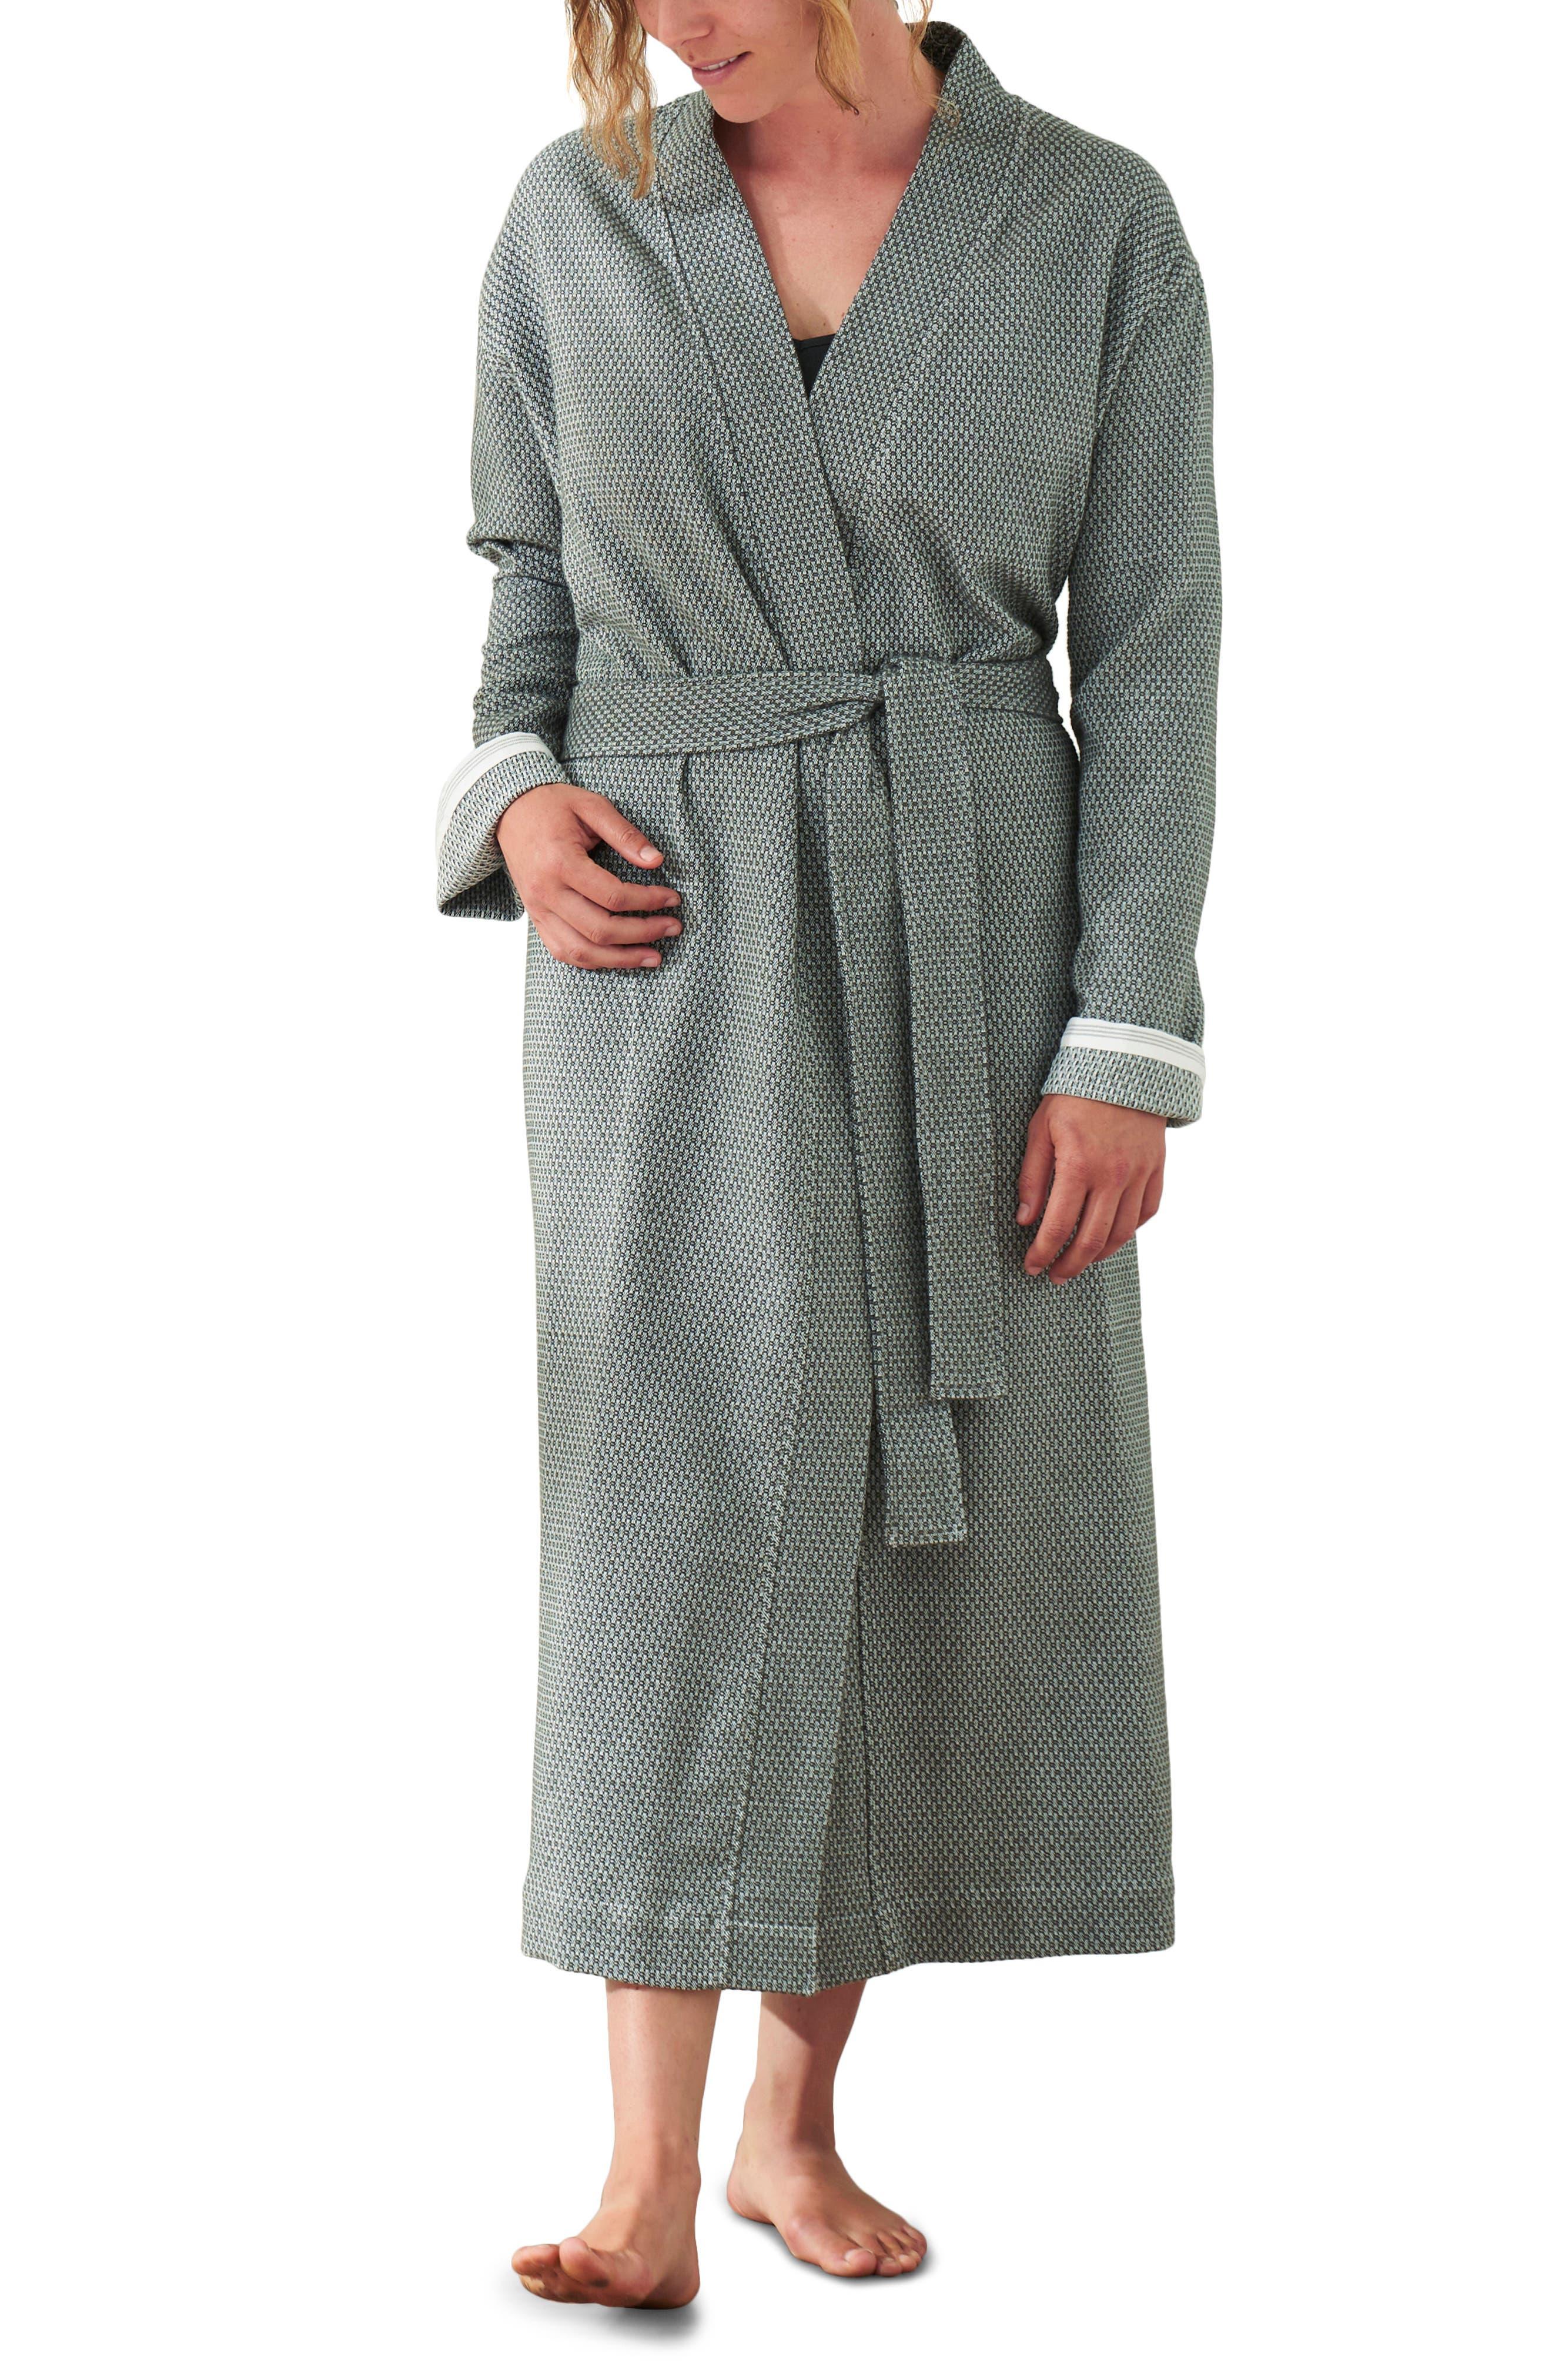 Unisex Mediterranean Organic Cotton Robe